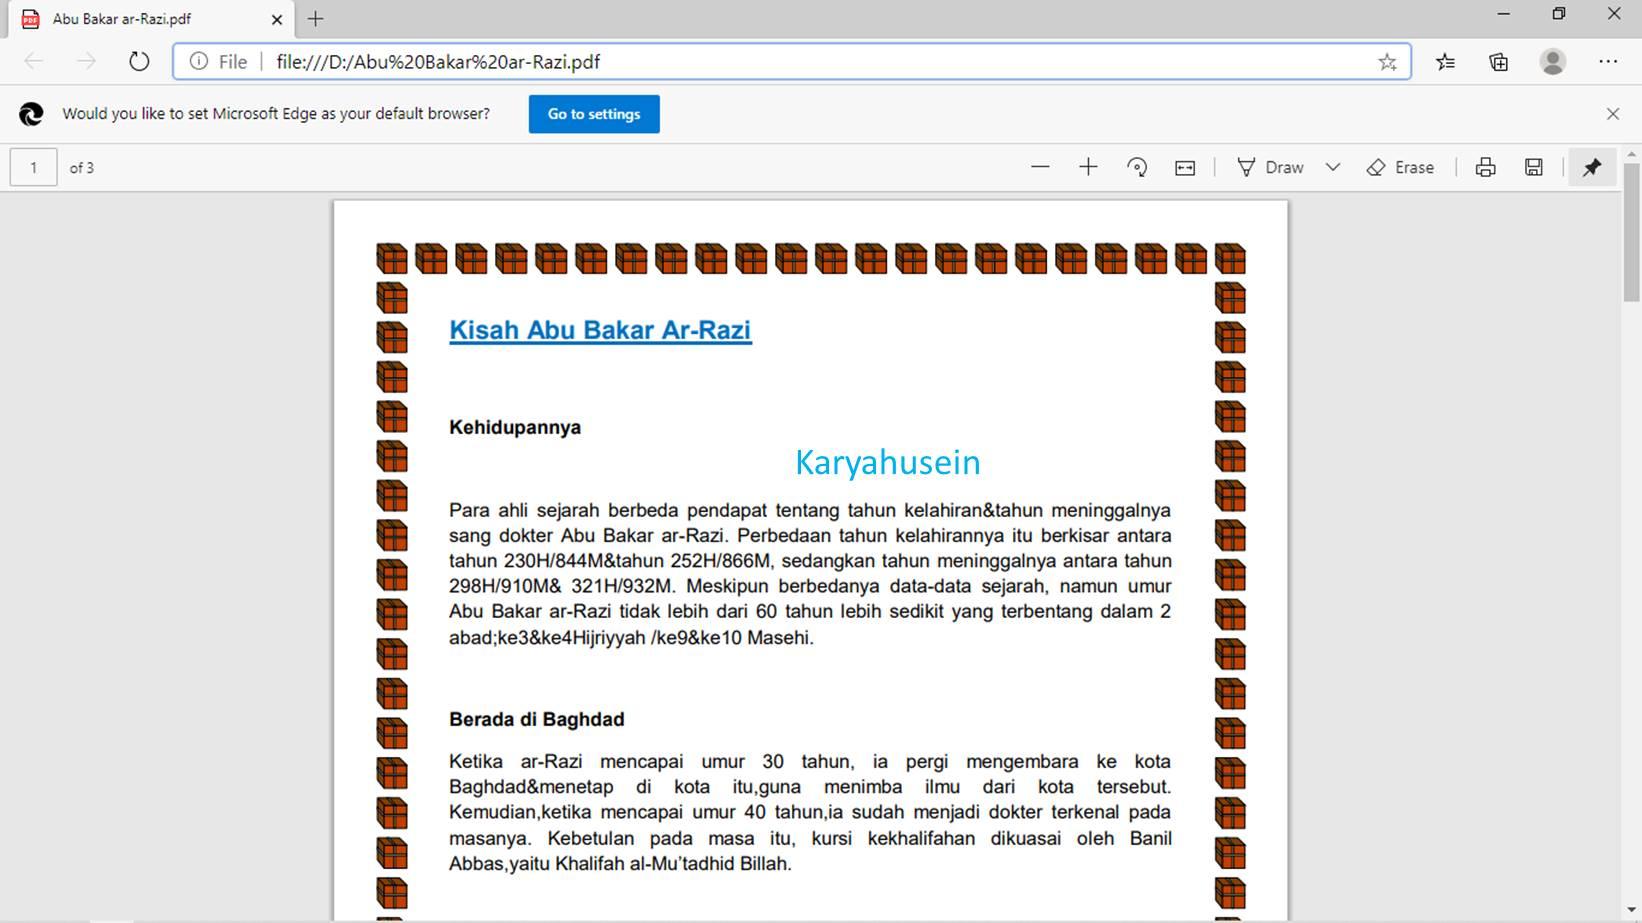 merubah Word ke PDF